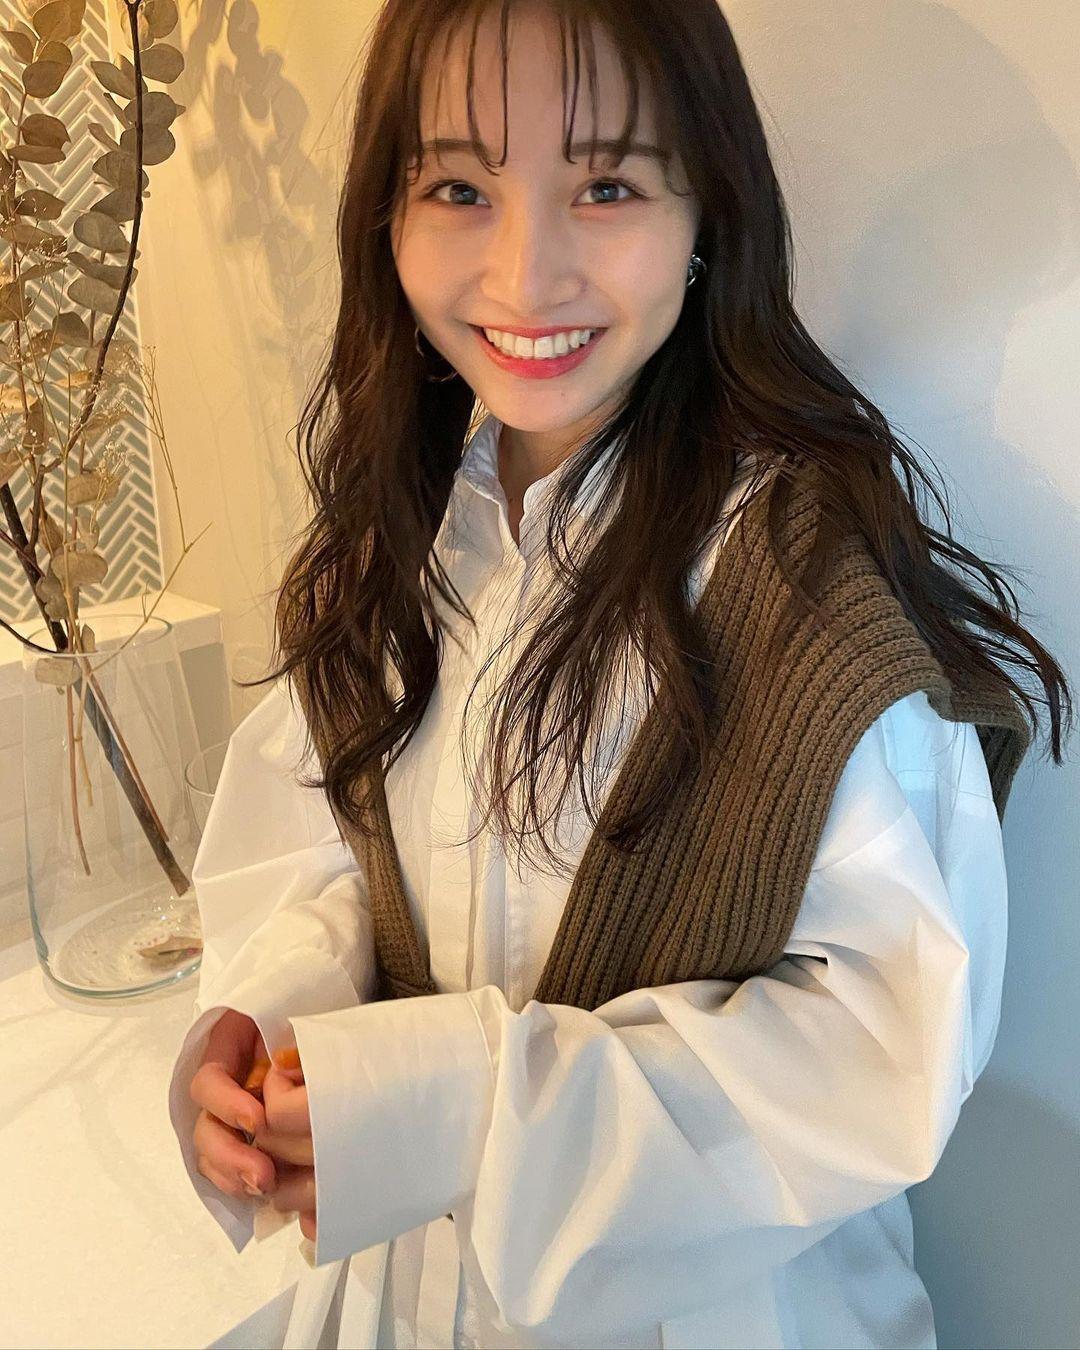 NMB48次世代王牌山本彩加引退转当护理师超暖原因让人更爱她了 网络美女 第12张